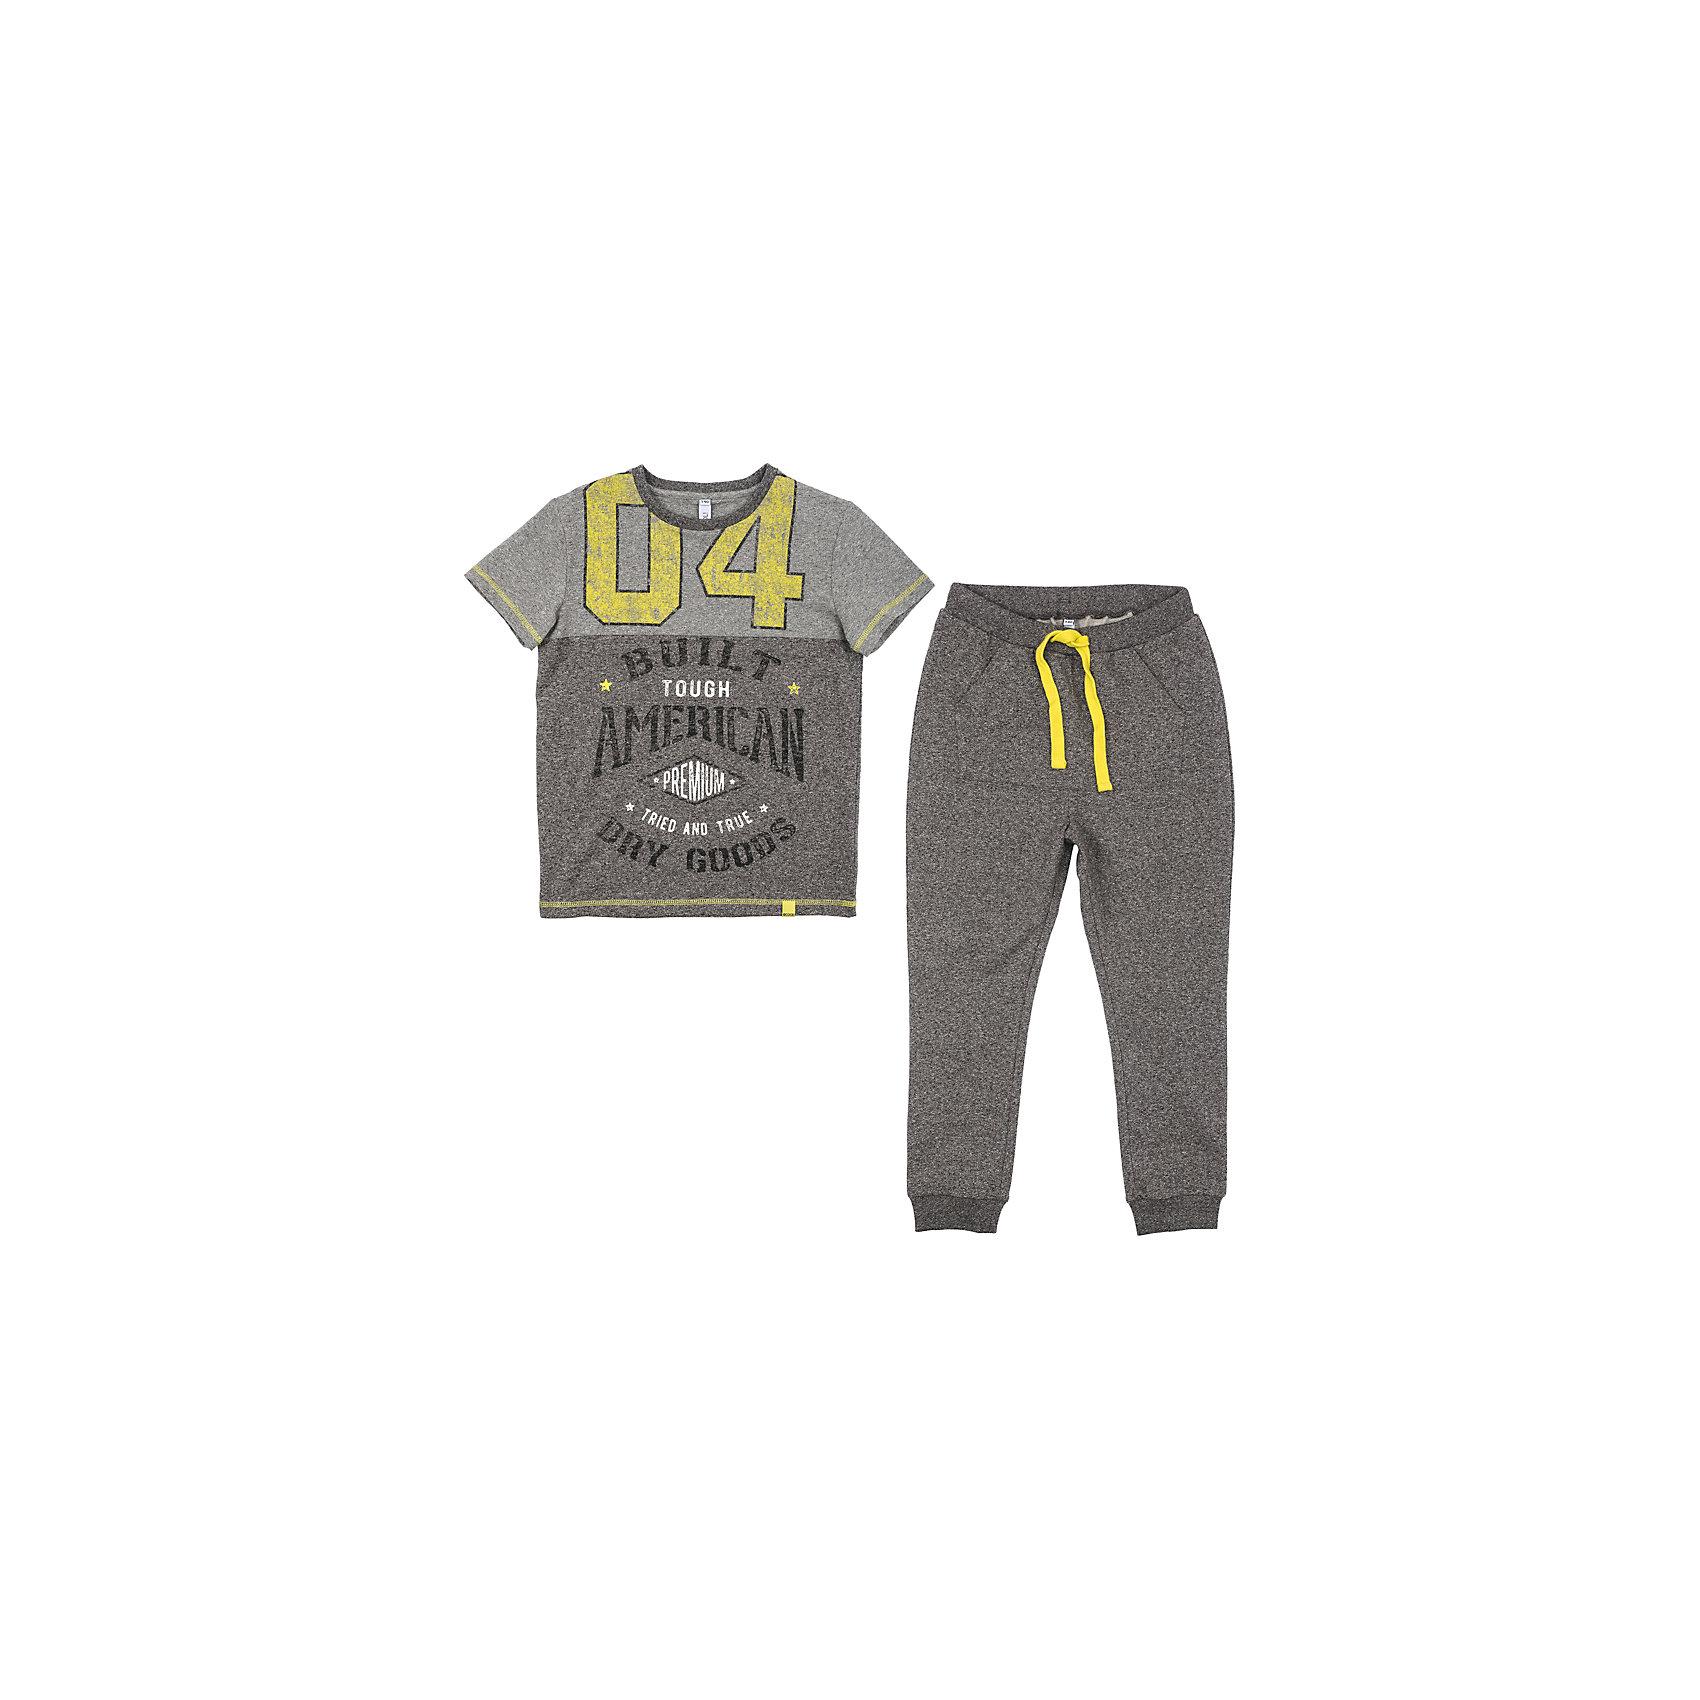 Комплект для мальчика ScoolКомплекты<br>Комплект для мальчика Scool<br>Комплект из футболки и брюк прекрасно подойдет для домашнего использования. Мягкий, приятный к телу, материал не сковывает движений. Яркий стильный принт является достойным украшением данного изделия. Брюки  на мягкой удобной резинке, со шнуром - кулиской на поясе.Преимущества: Свободный классический крой не сковывает движения ребенкаПодходит в качестве базовой вещи для повседневного гардероба<br>Состав:<br>95% хлопок, 5% эластан<br><br>Ширина мм: 215<br>Глубина мм: 88<br>Высота мм: 191<br>Вес г: 336<br>Цвет: разноцветный<br>Возраст от месяцев: 108<br>Возраст до месяцев: 120<br>Пол: Мужской<br>Возраст: Детский<br>Размер: 140,146,152,158,164,134<br>SKU: 5406795